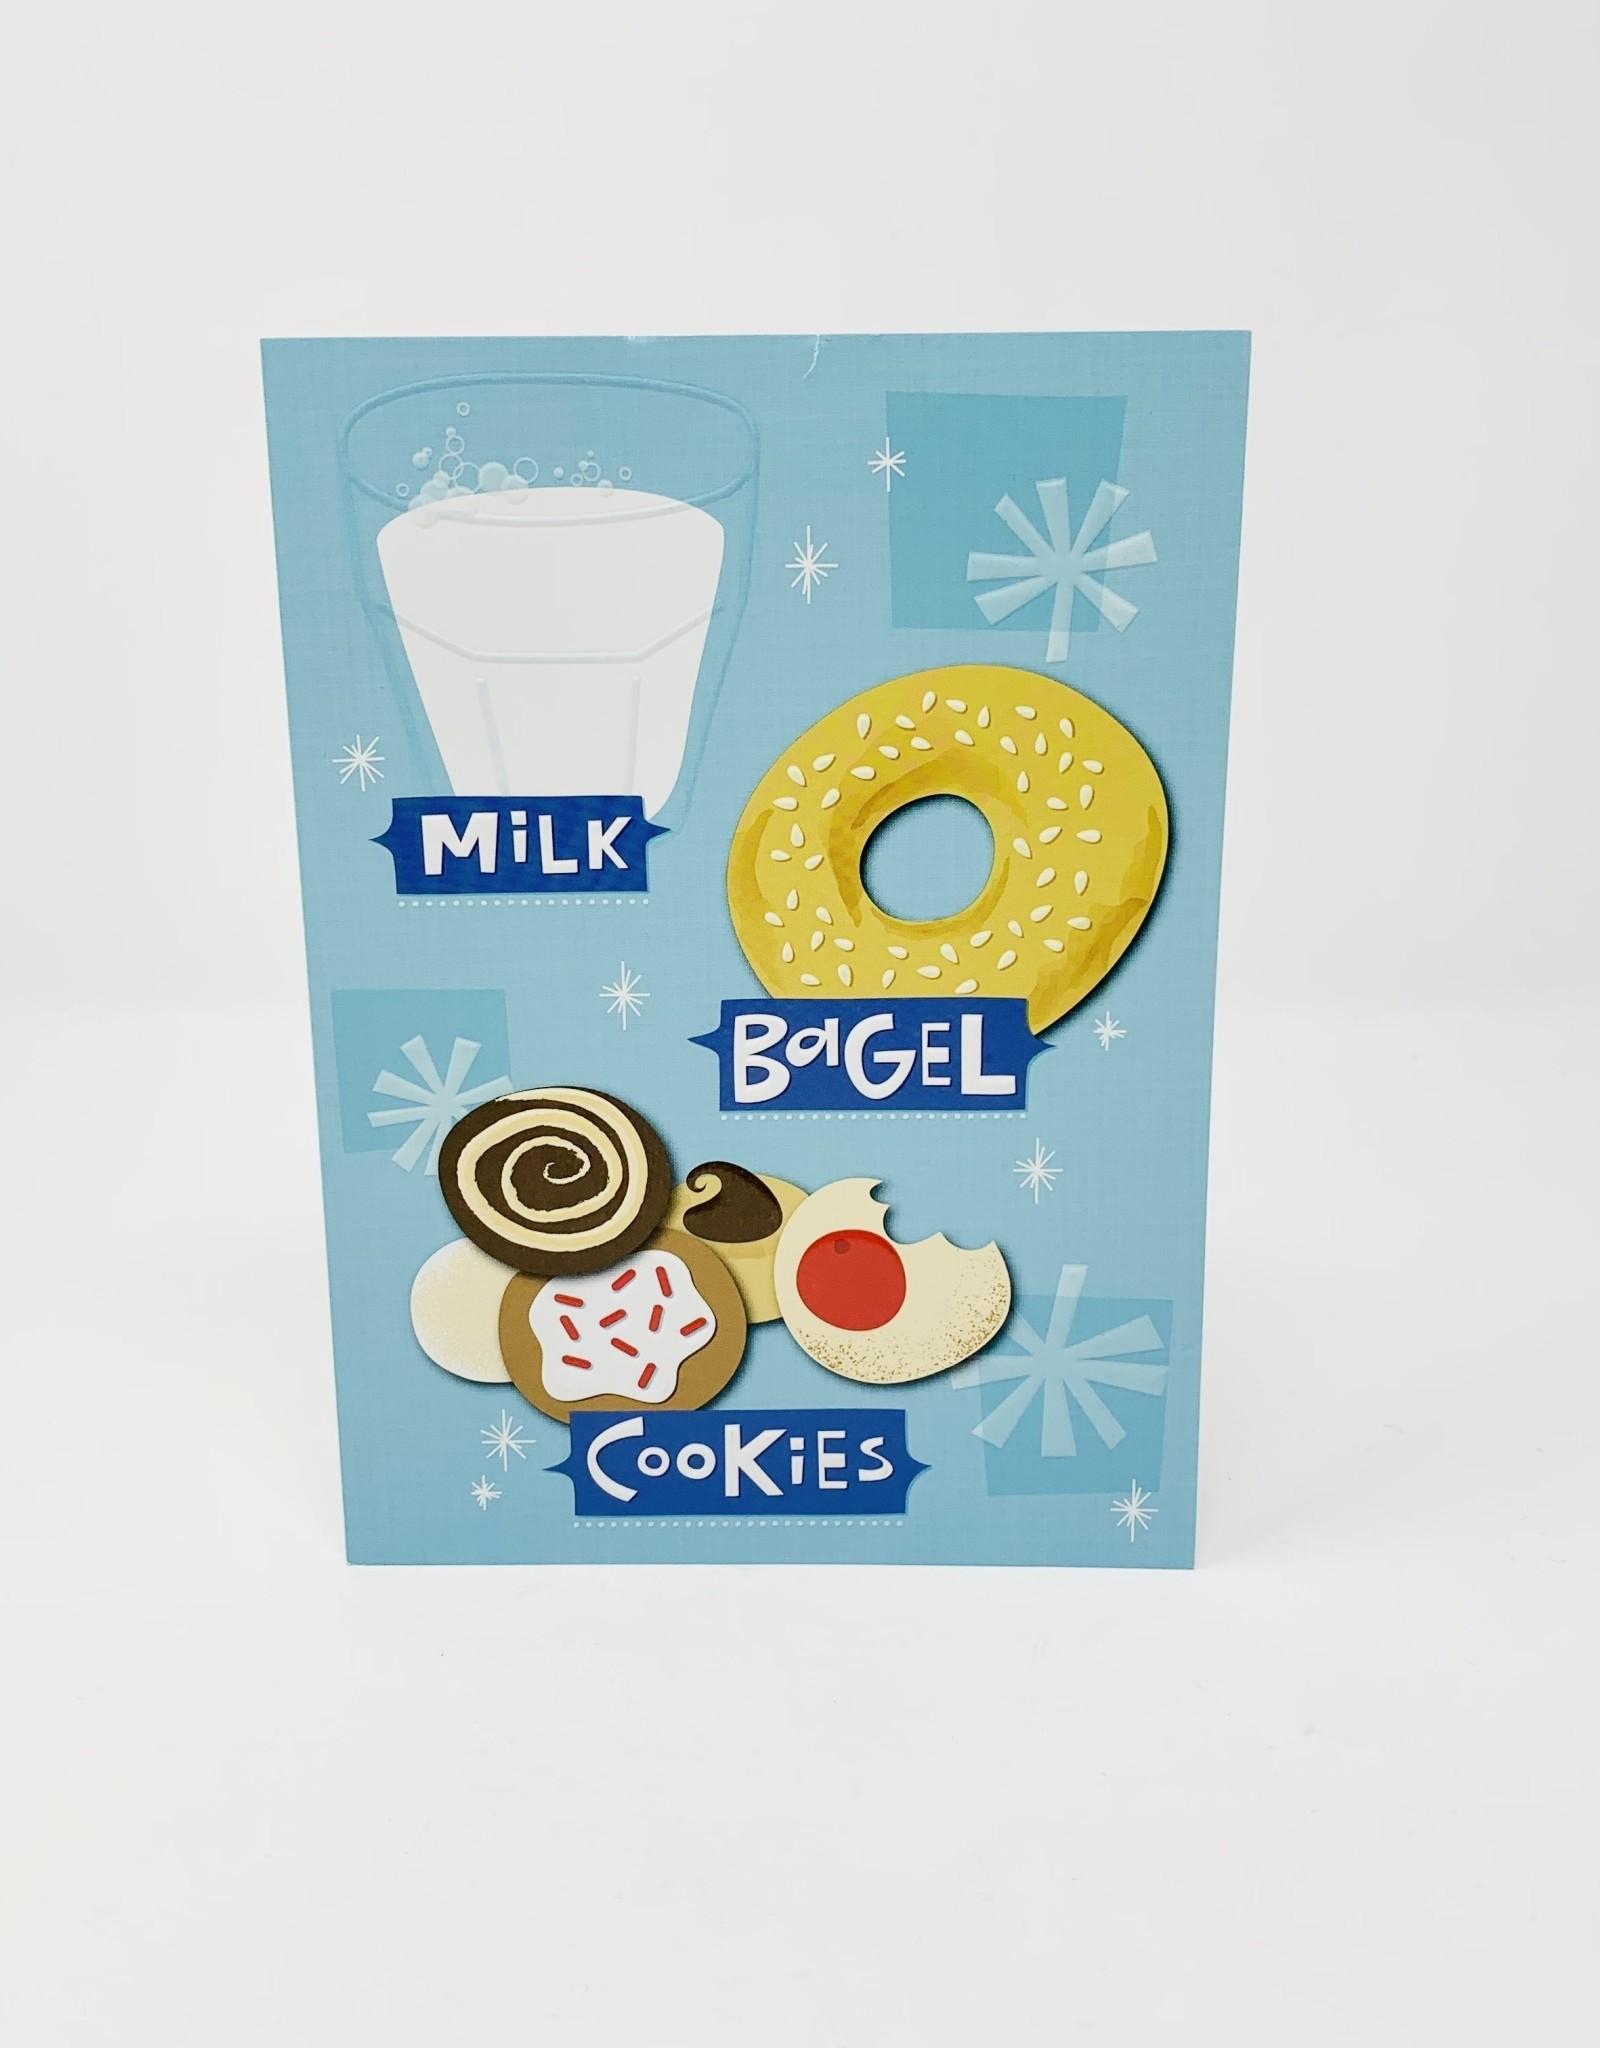 Design Design Milk Bagel Cookies